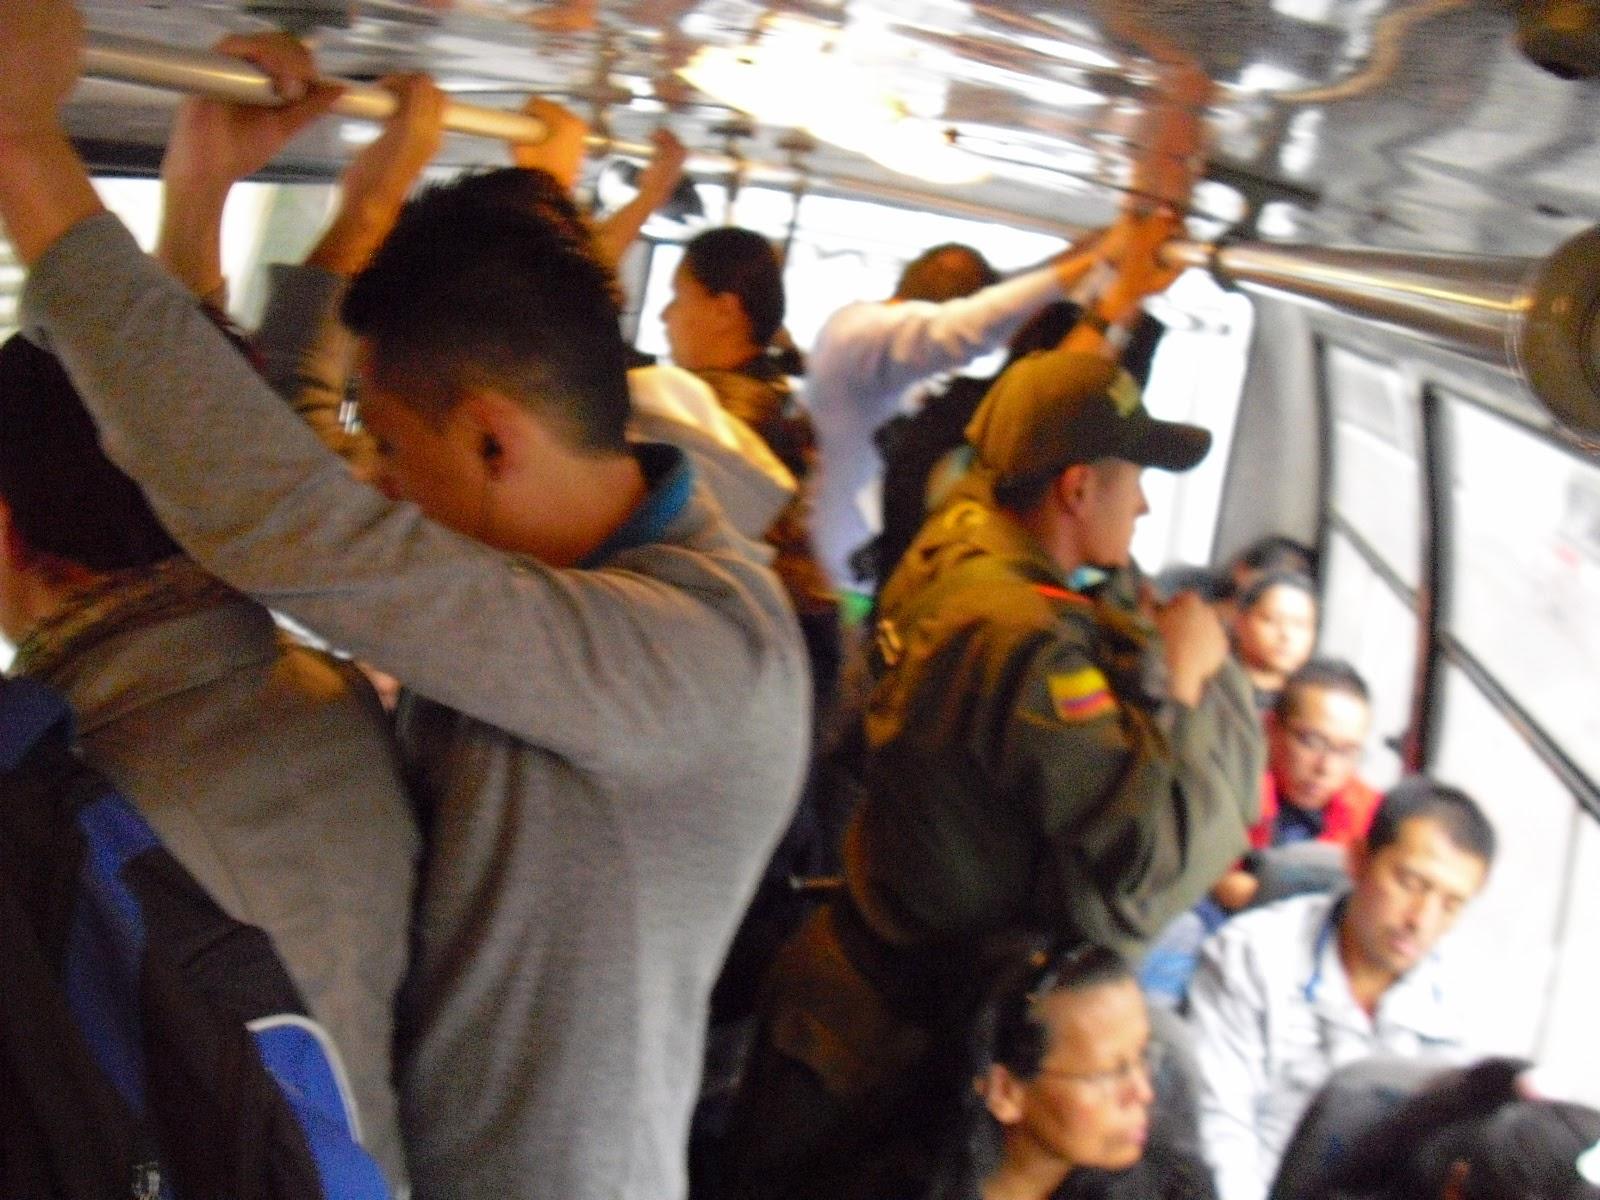 A crowded Bogotá D.C. bus.